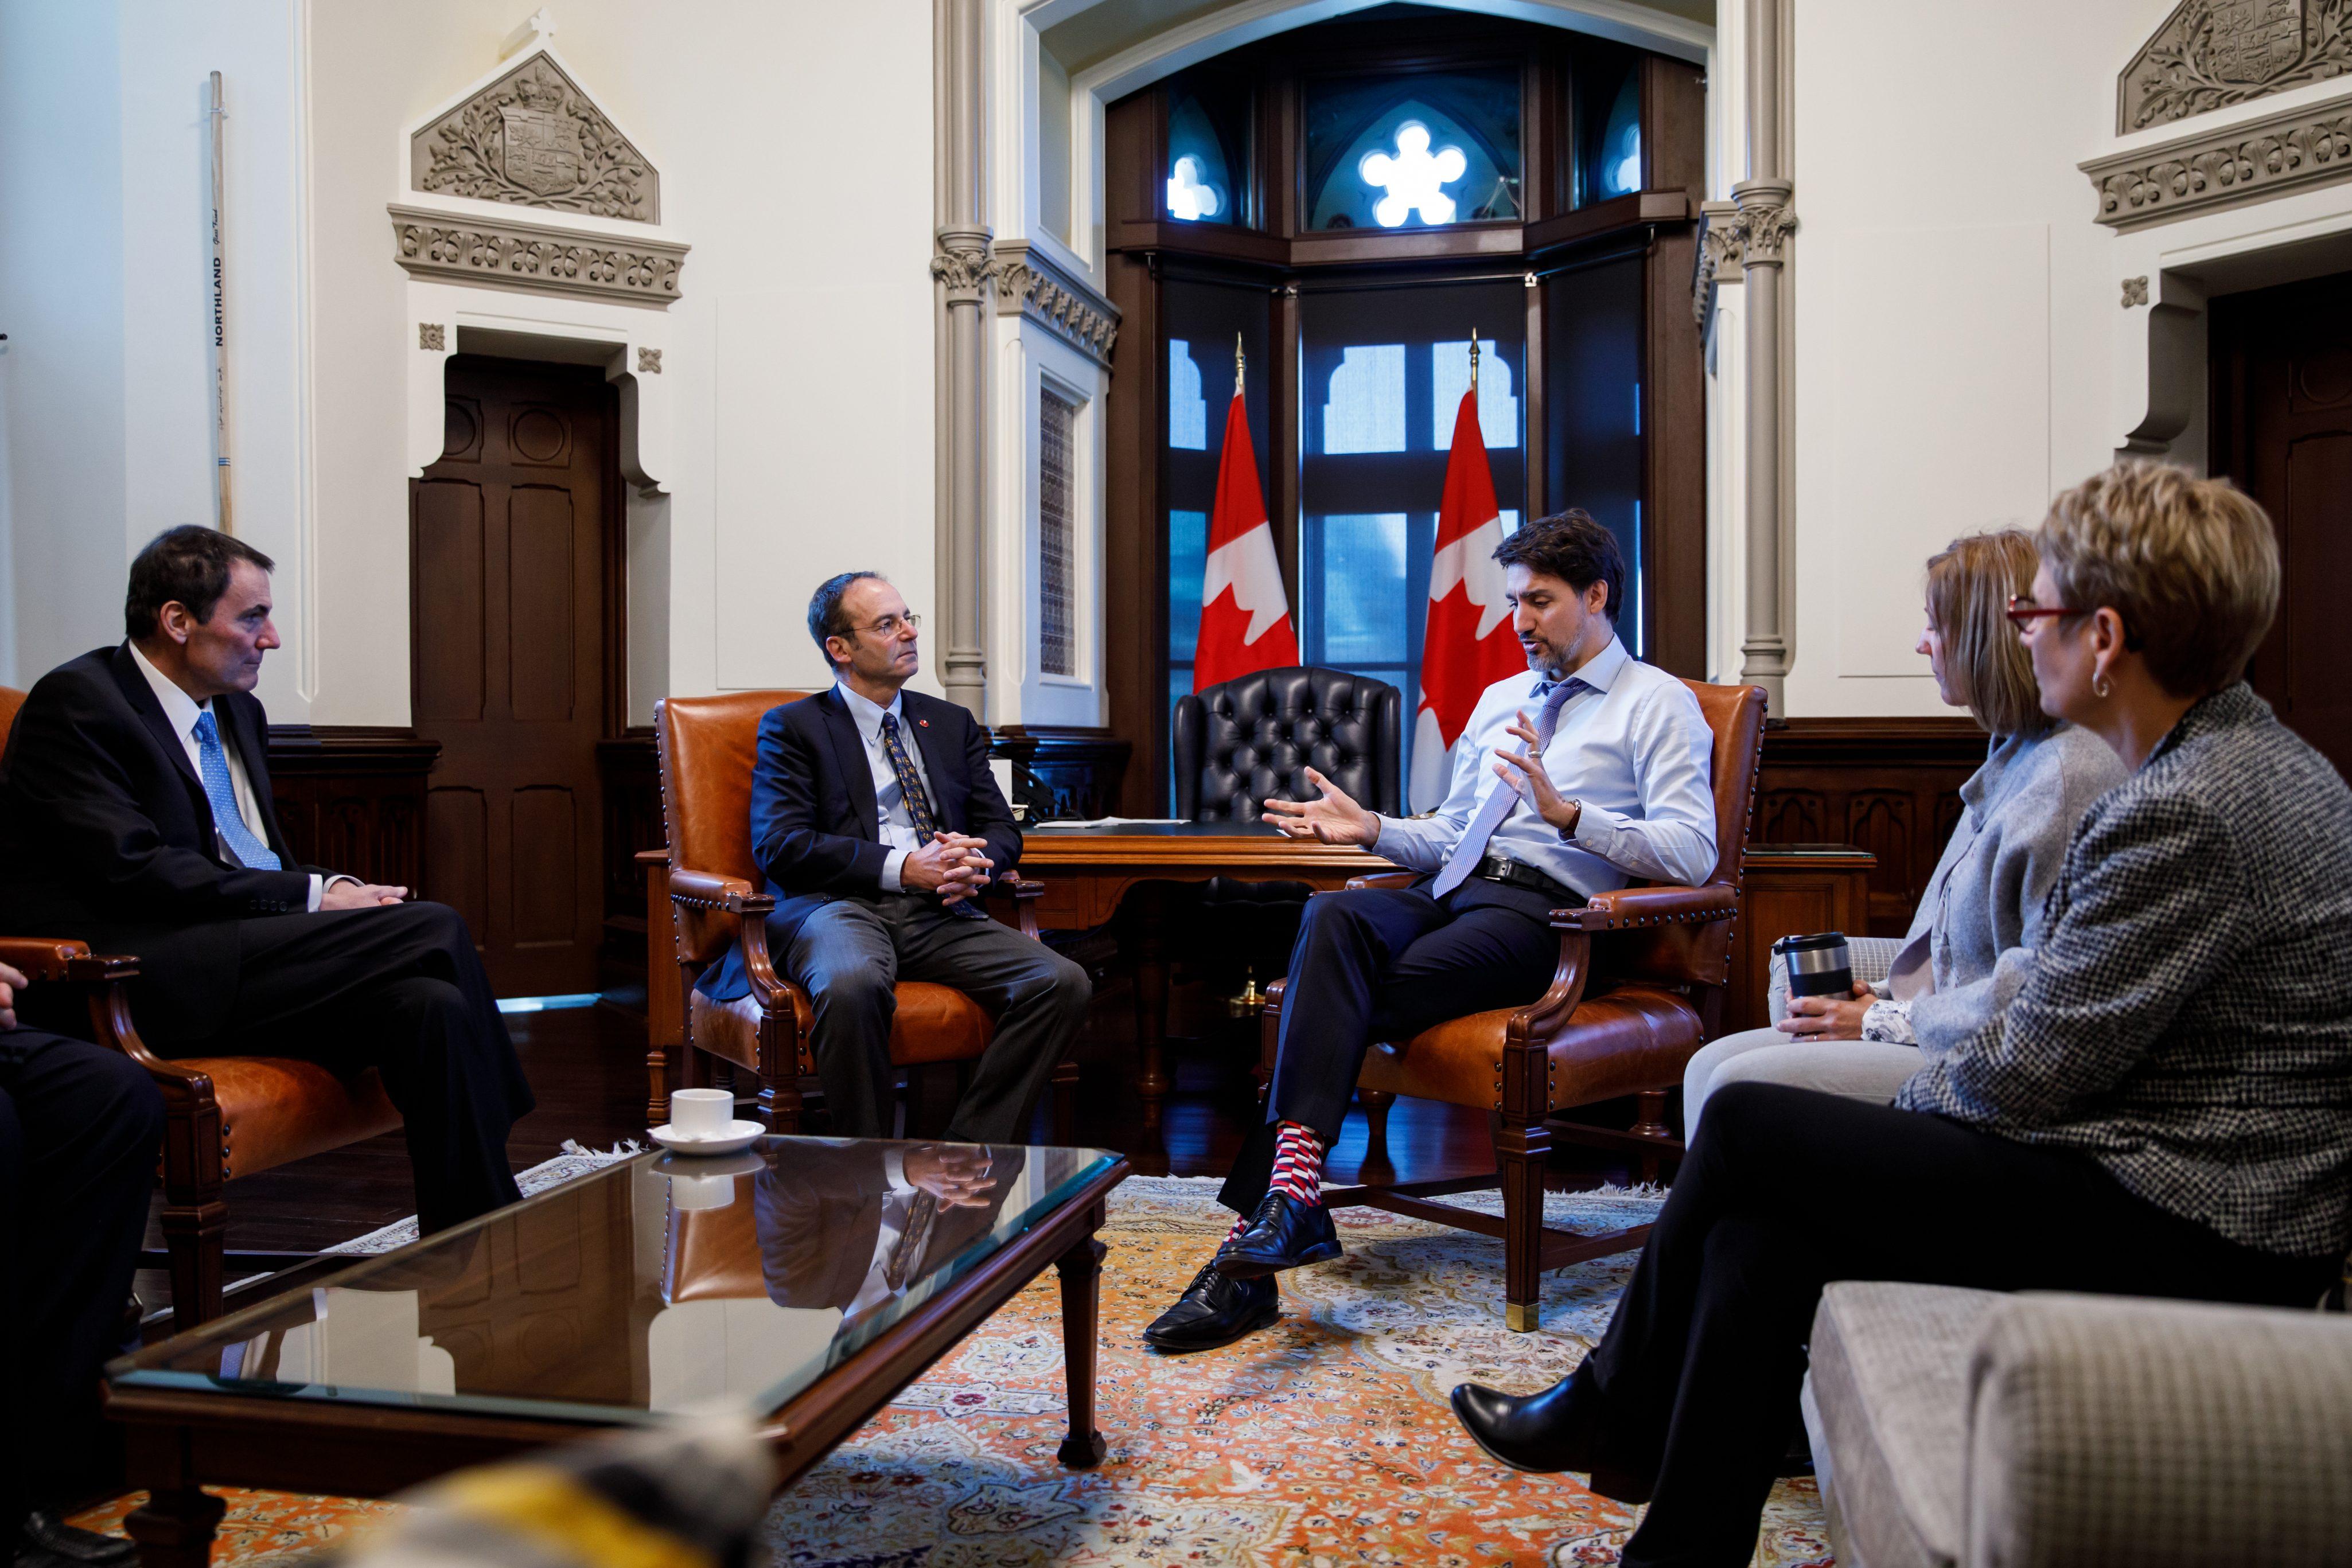 FRENCH: Le premier ministre Justin Trudeau, avec le Président du Conseil privé de la Reine pour le Canada Dominic Leblanc, rencontre le bureau du représentant du gouvernement au Sénat dans son bureau du bloc ouest du Parlement, le 21 février 2020.